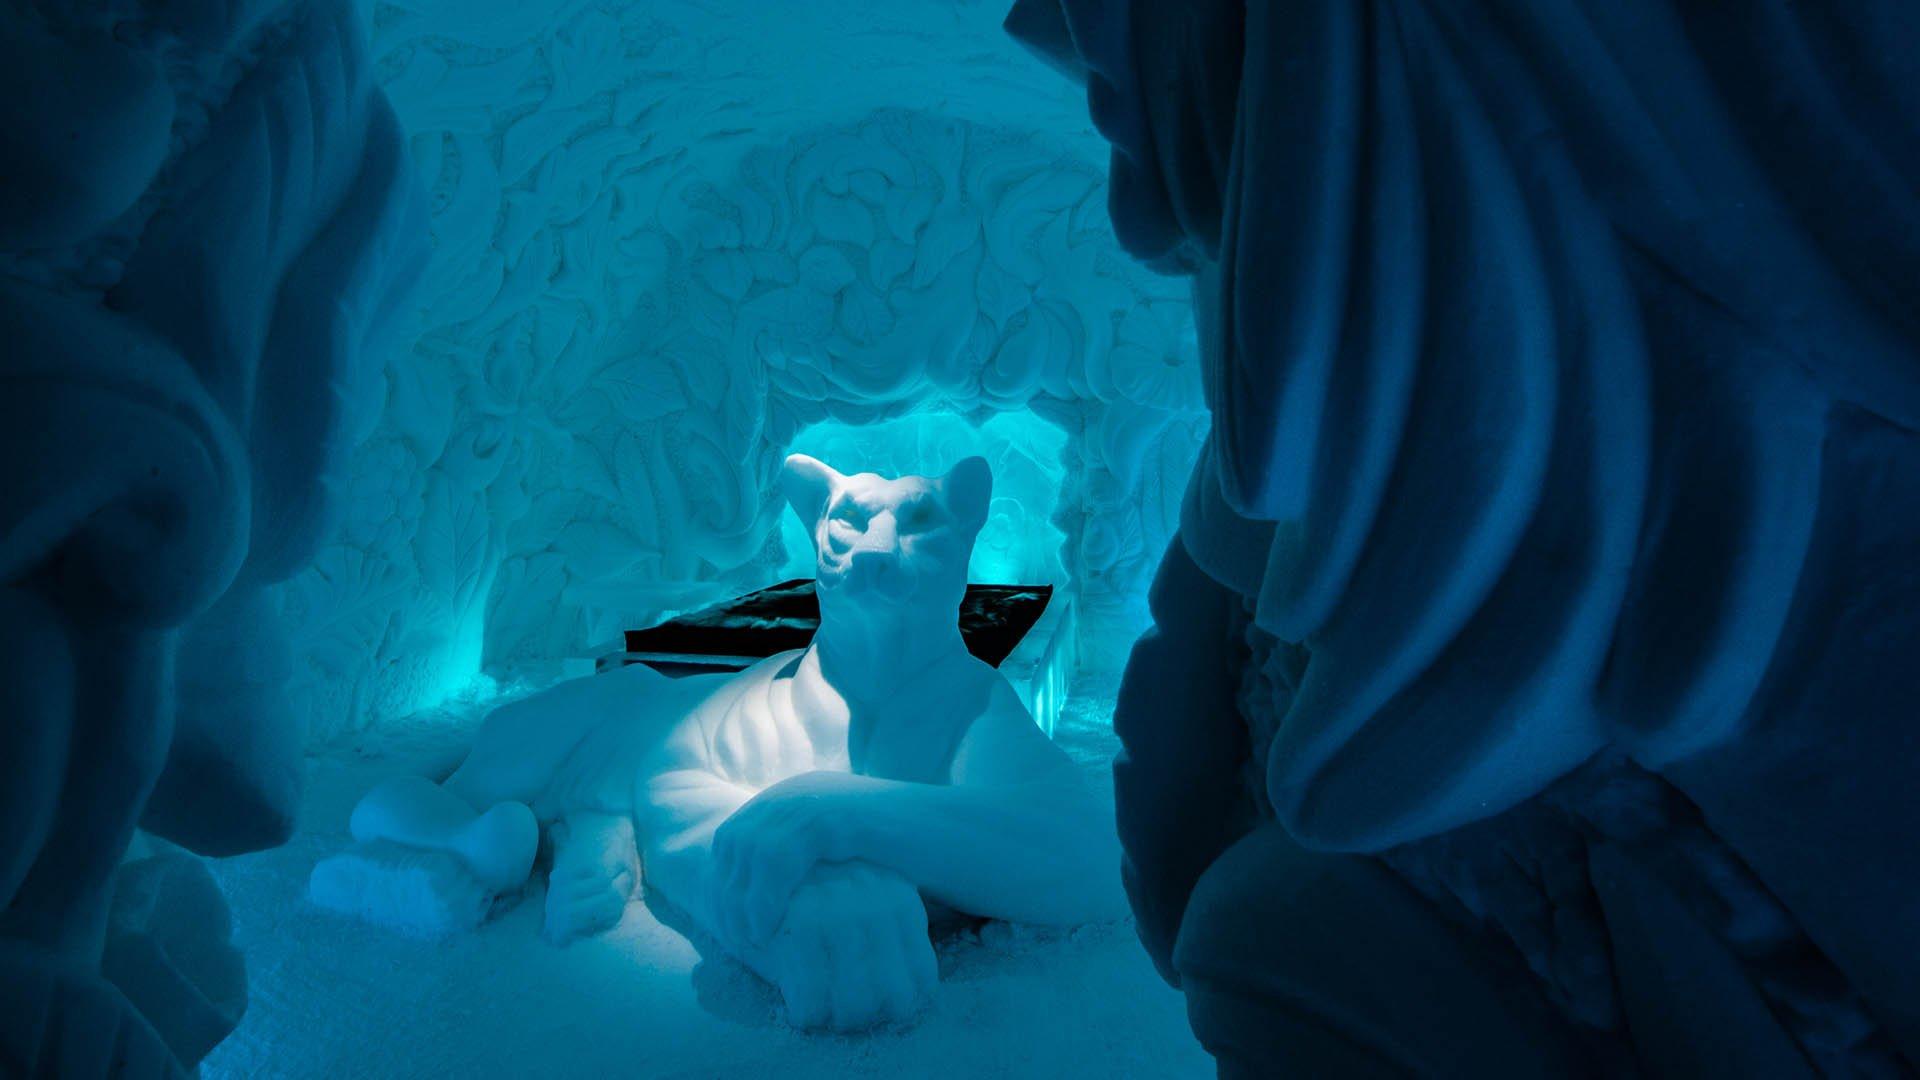 icehotel, foto: asaf kliger, 1920 x 1080